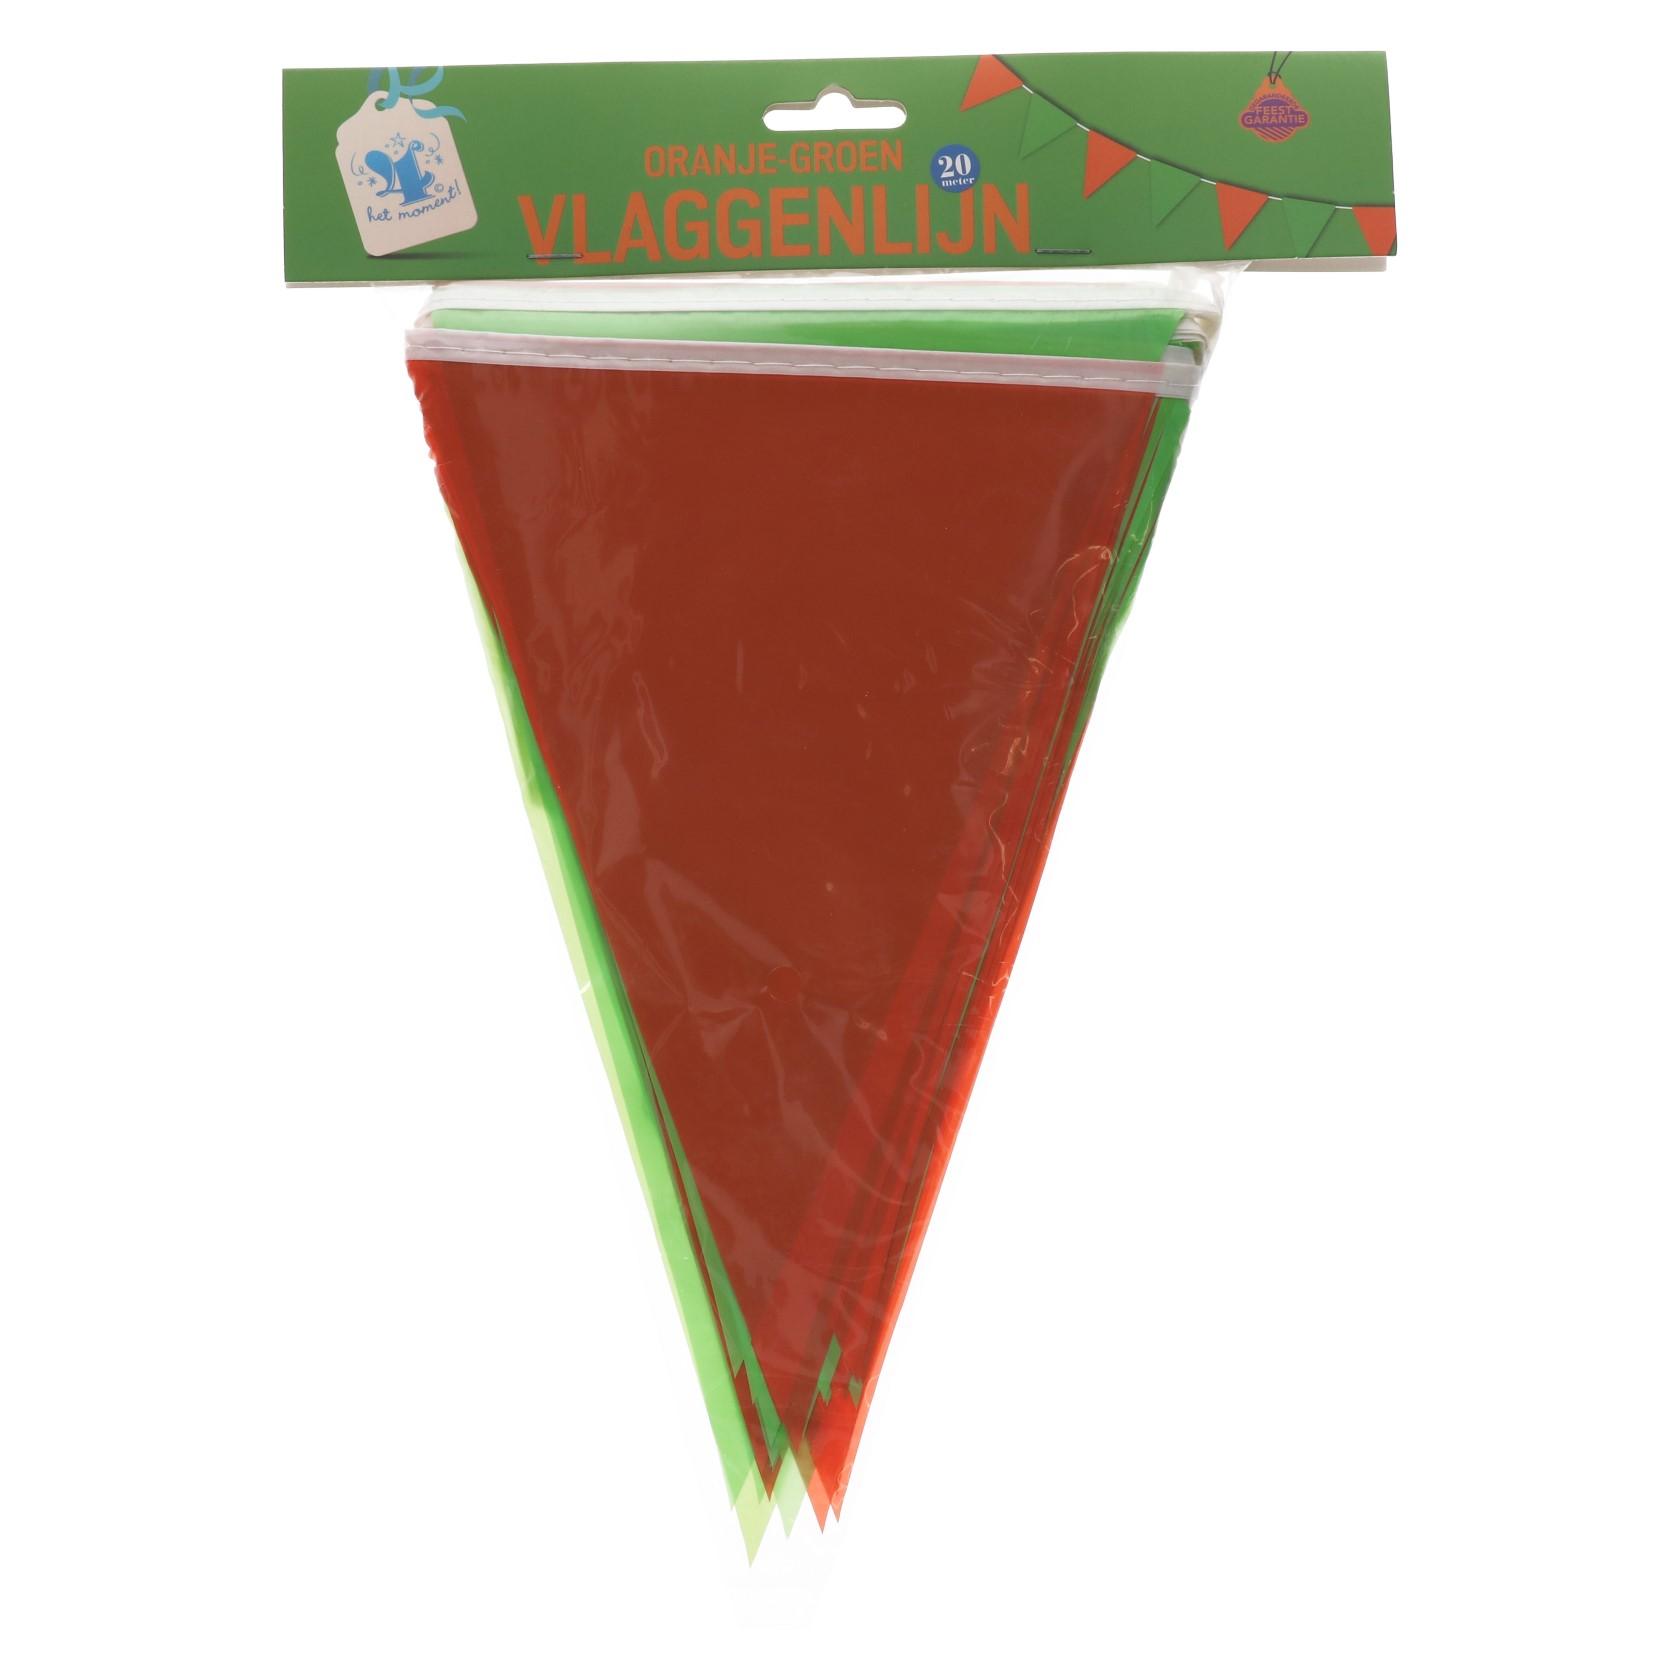 Vlaggenlijn oranje groen 20meter